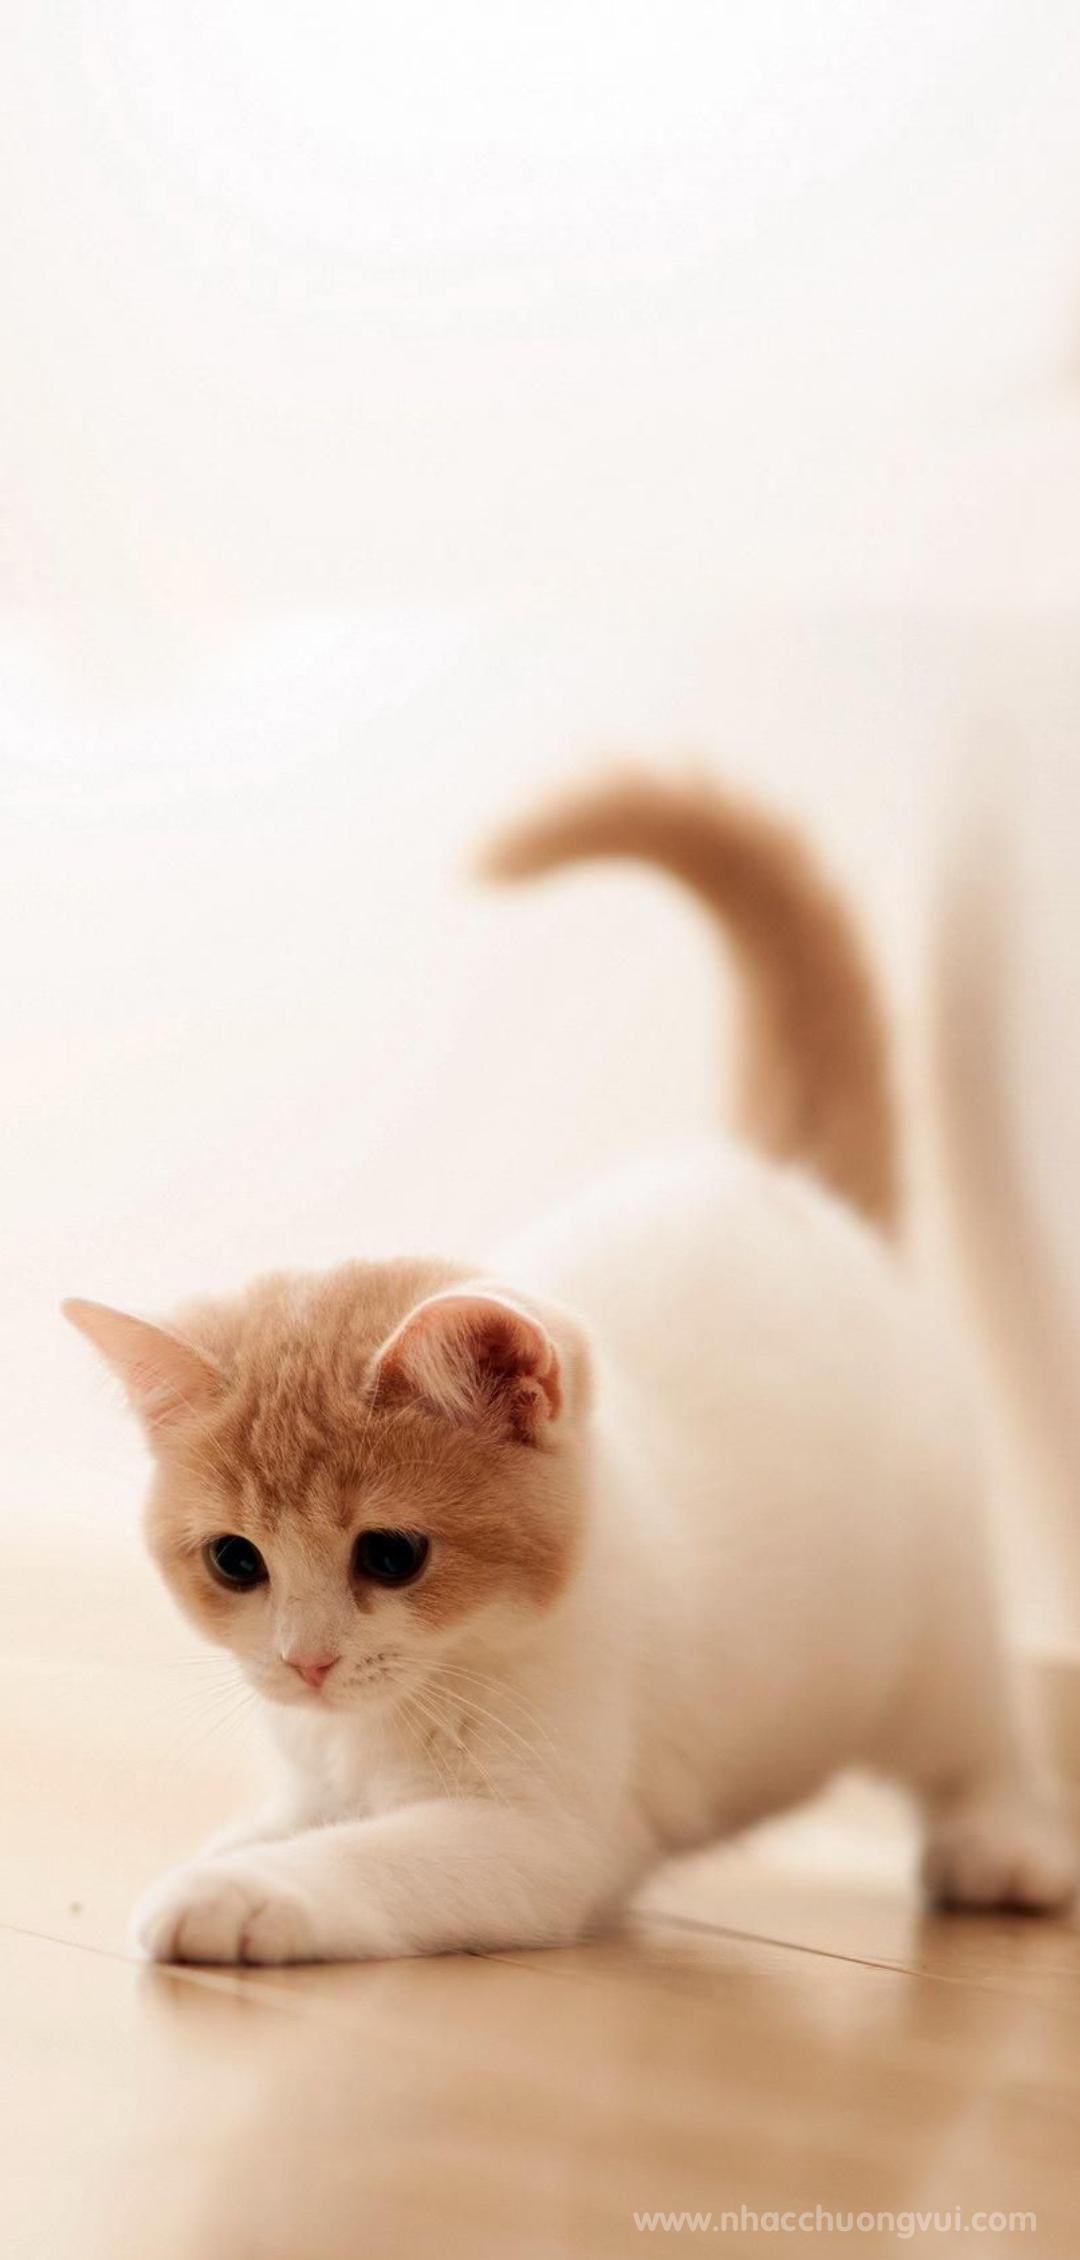 Hình nền mèo cho điện thoại dễ thương nhất 31